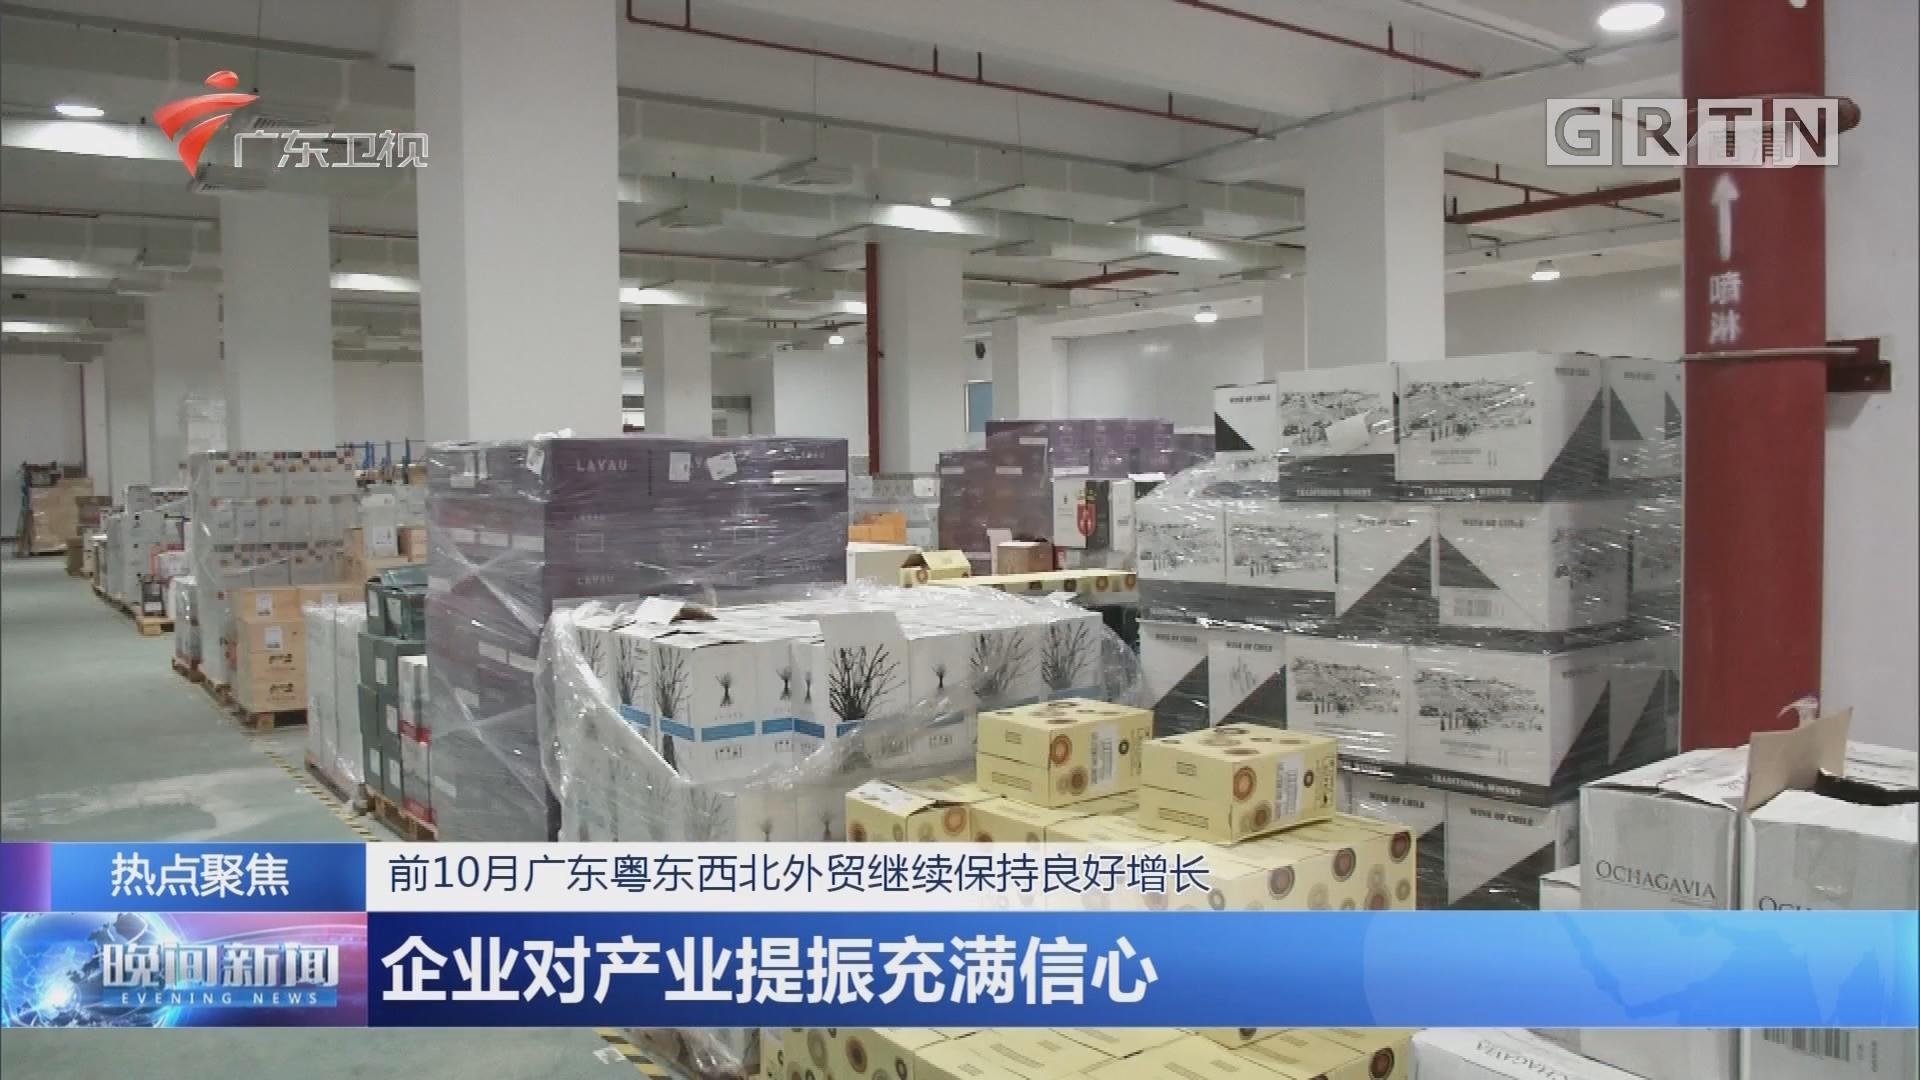 前10月广东粤东西北外贸继续保持良好增长 企业对产业提振充满信心